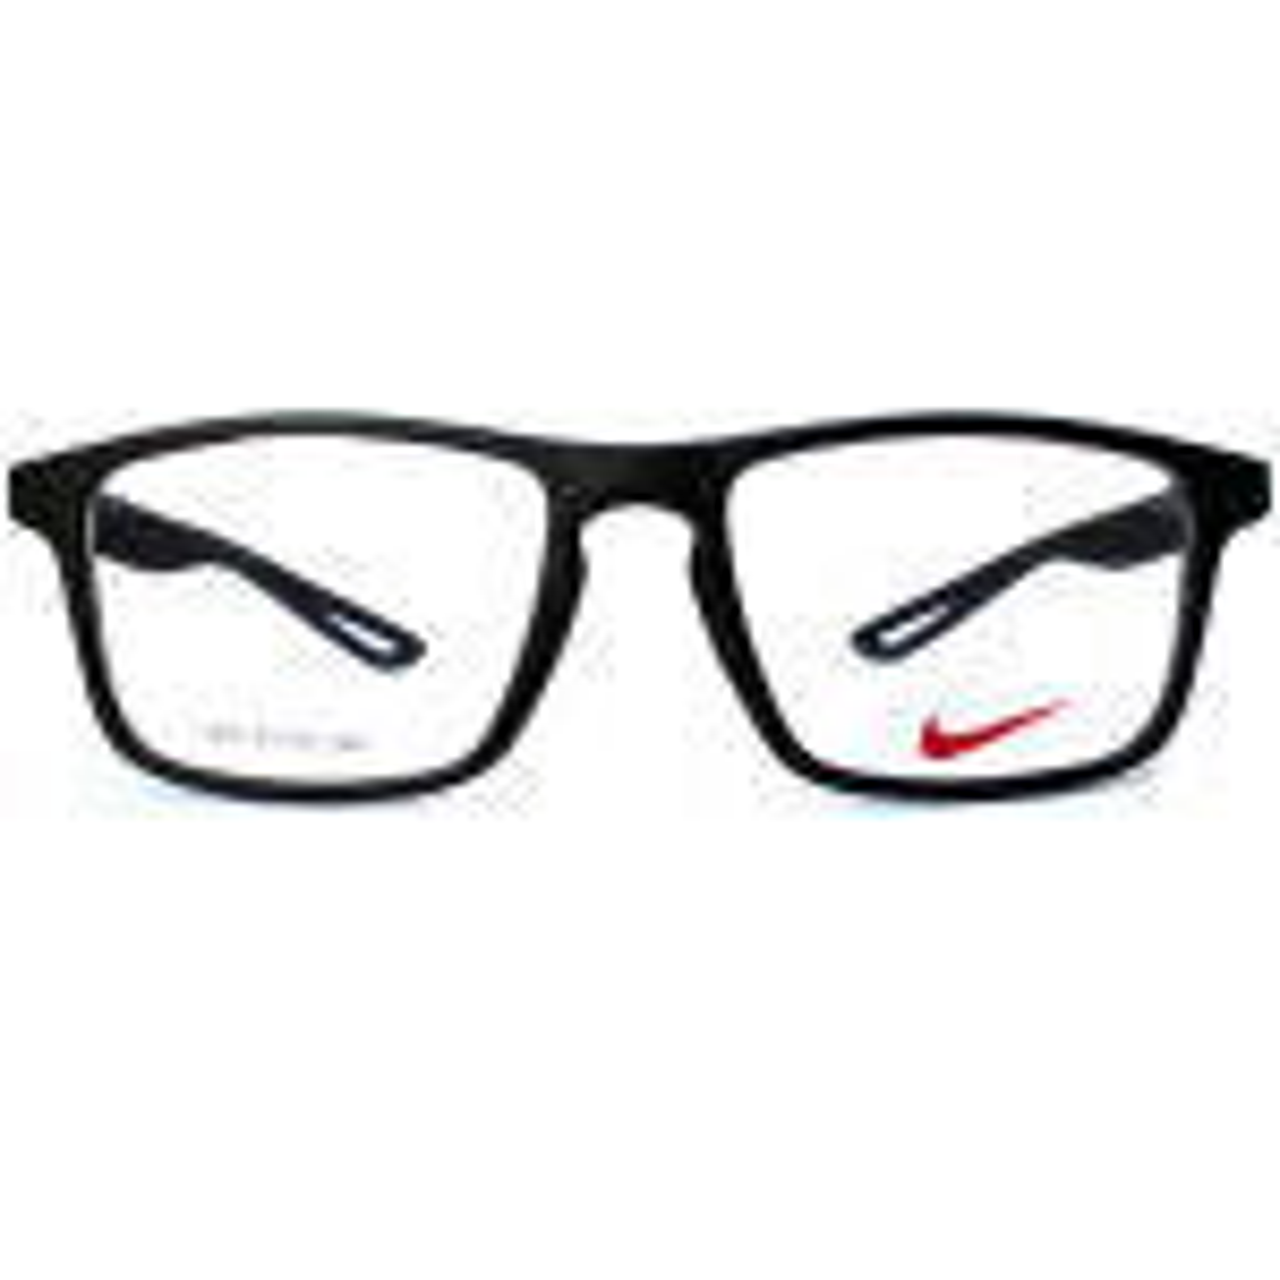 فریم عینک طبی مدل 4280